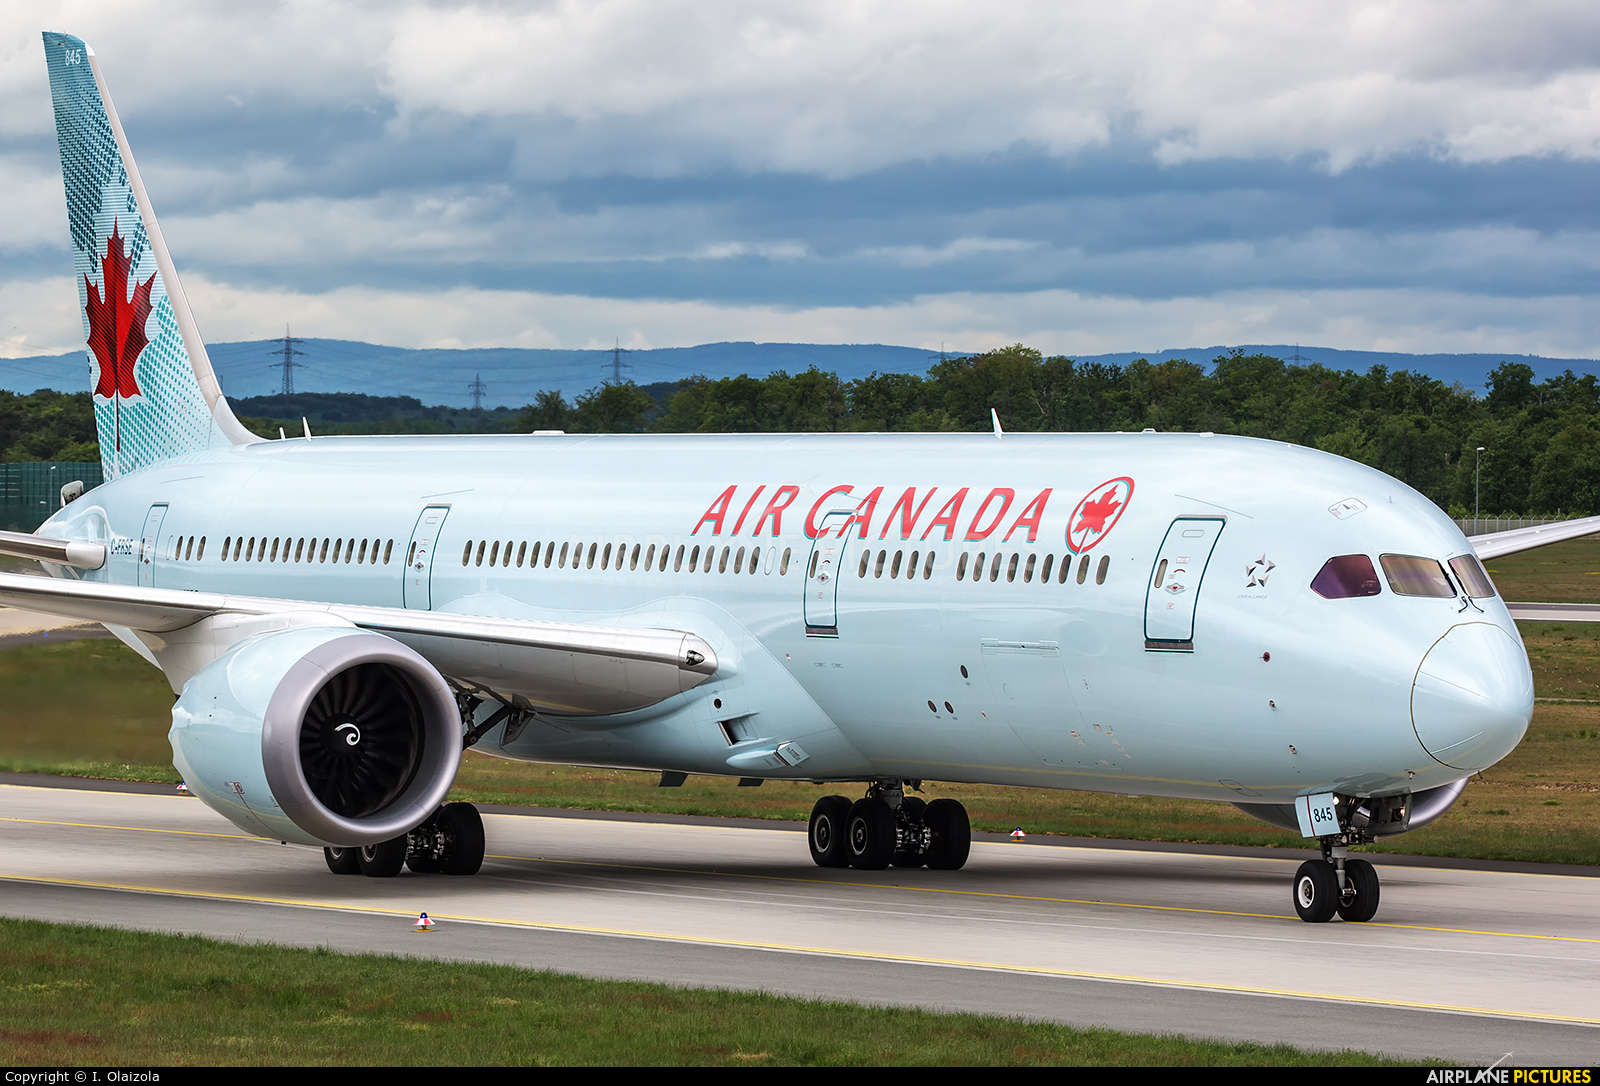 Air Canada C-FRSE aircraft at Frankfurt